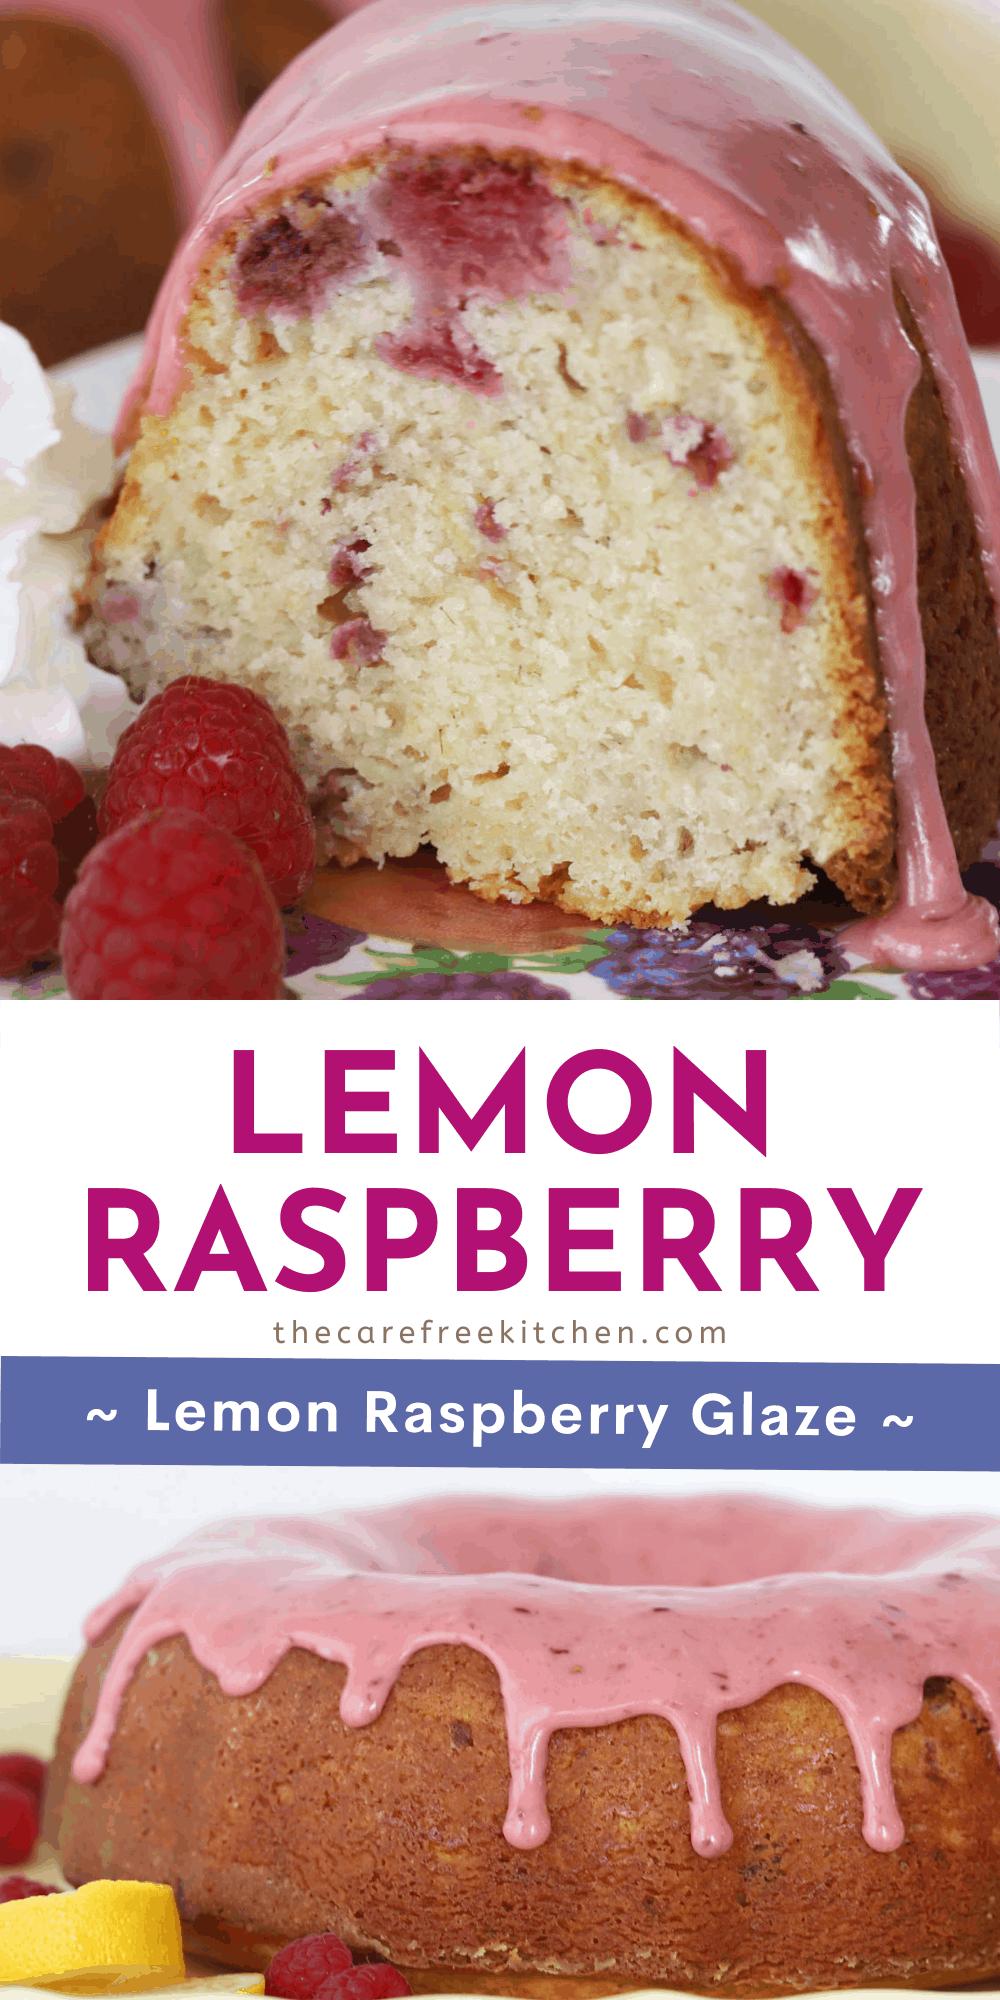 Pinterest pin for lemon raspberry bundt cake.